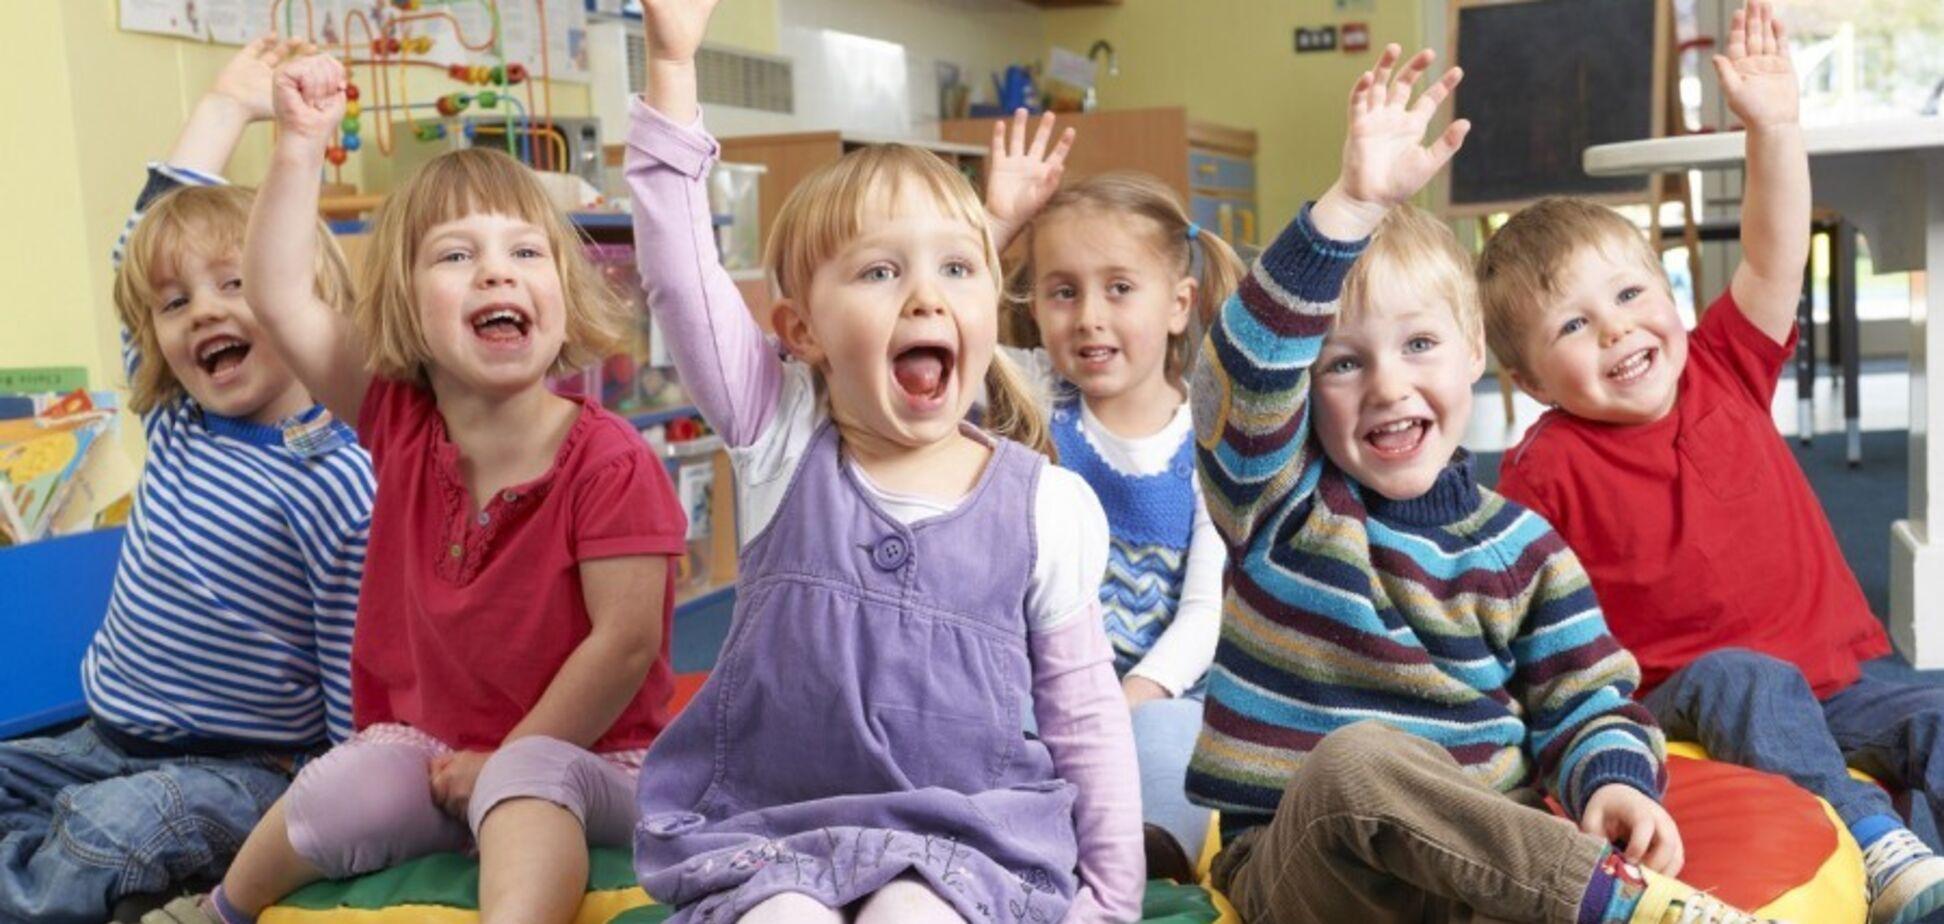 Як дізнатись про стан завантаженості дитячих садків Києва: з'явилась нова онлайн-послуга